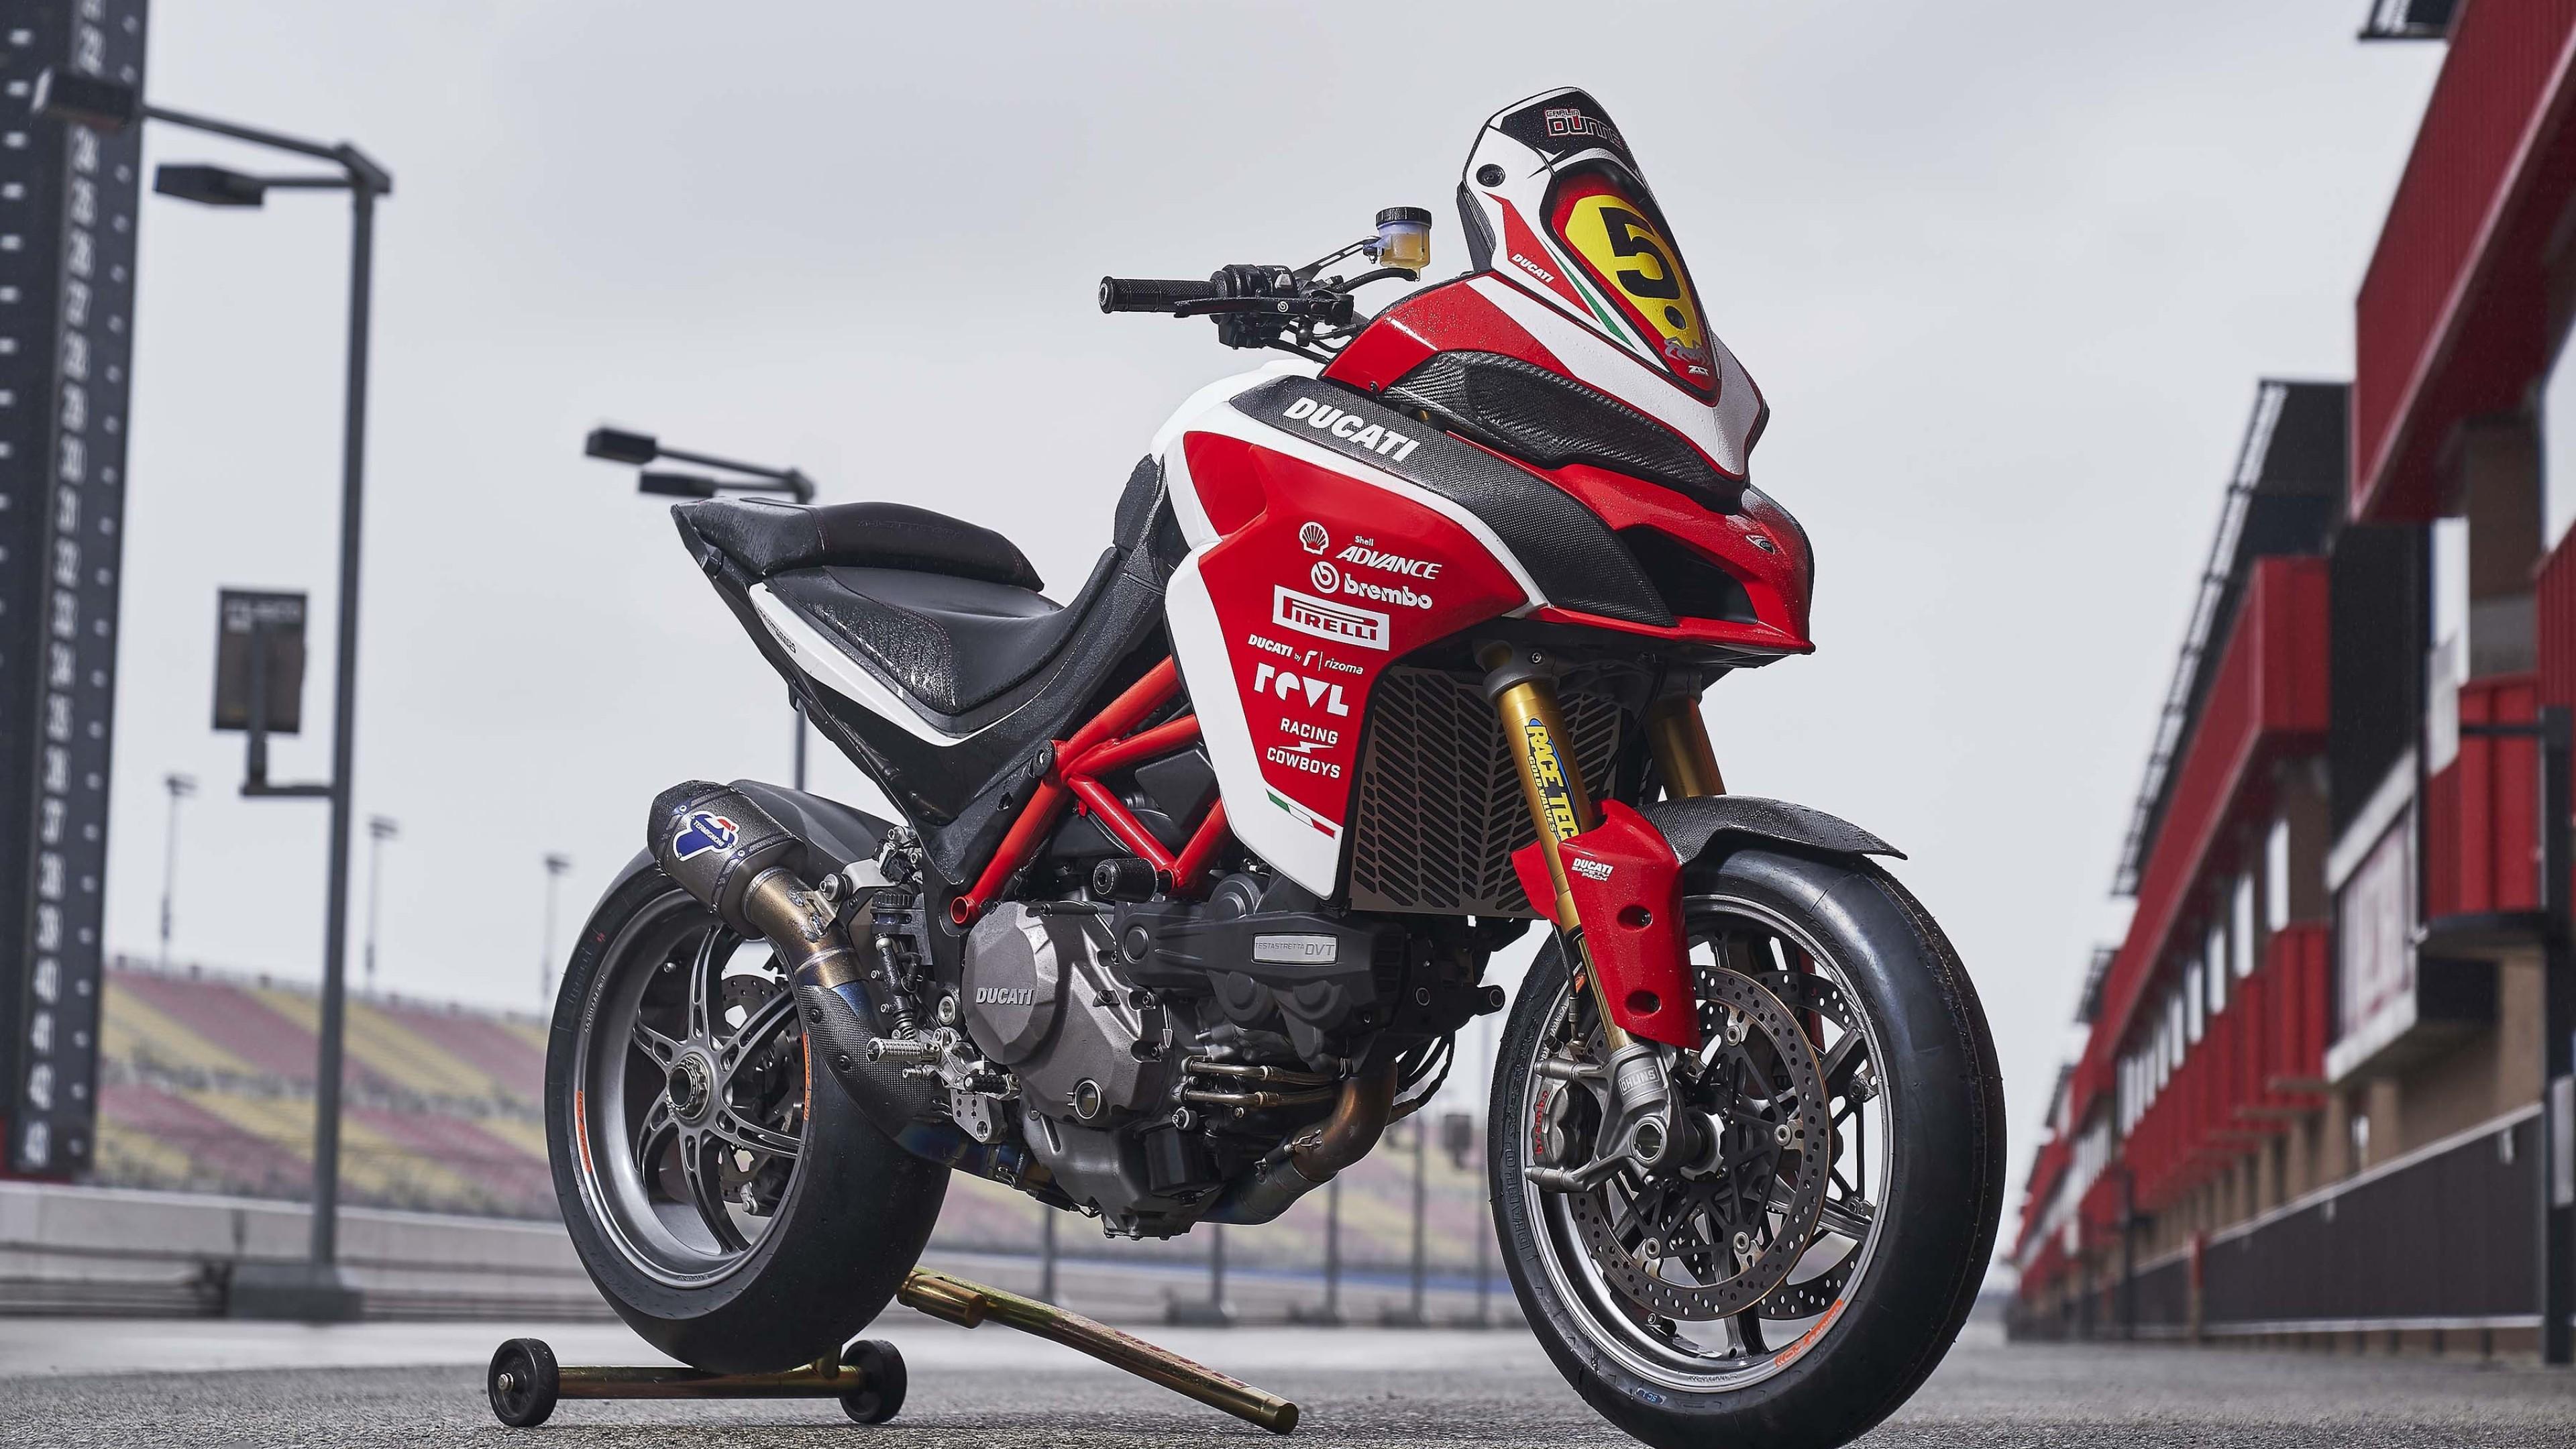 Красный гоночный мотоцикл с цифрой пять